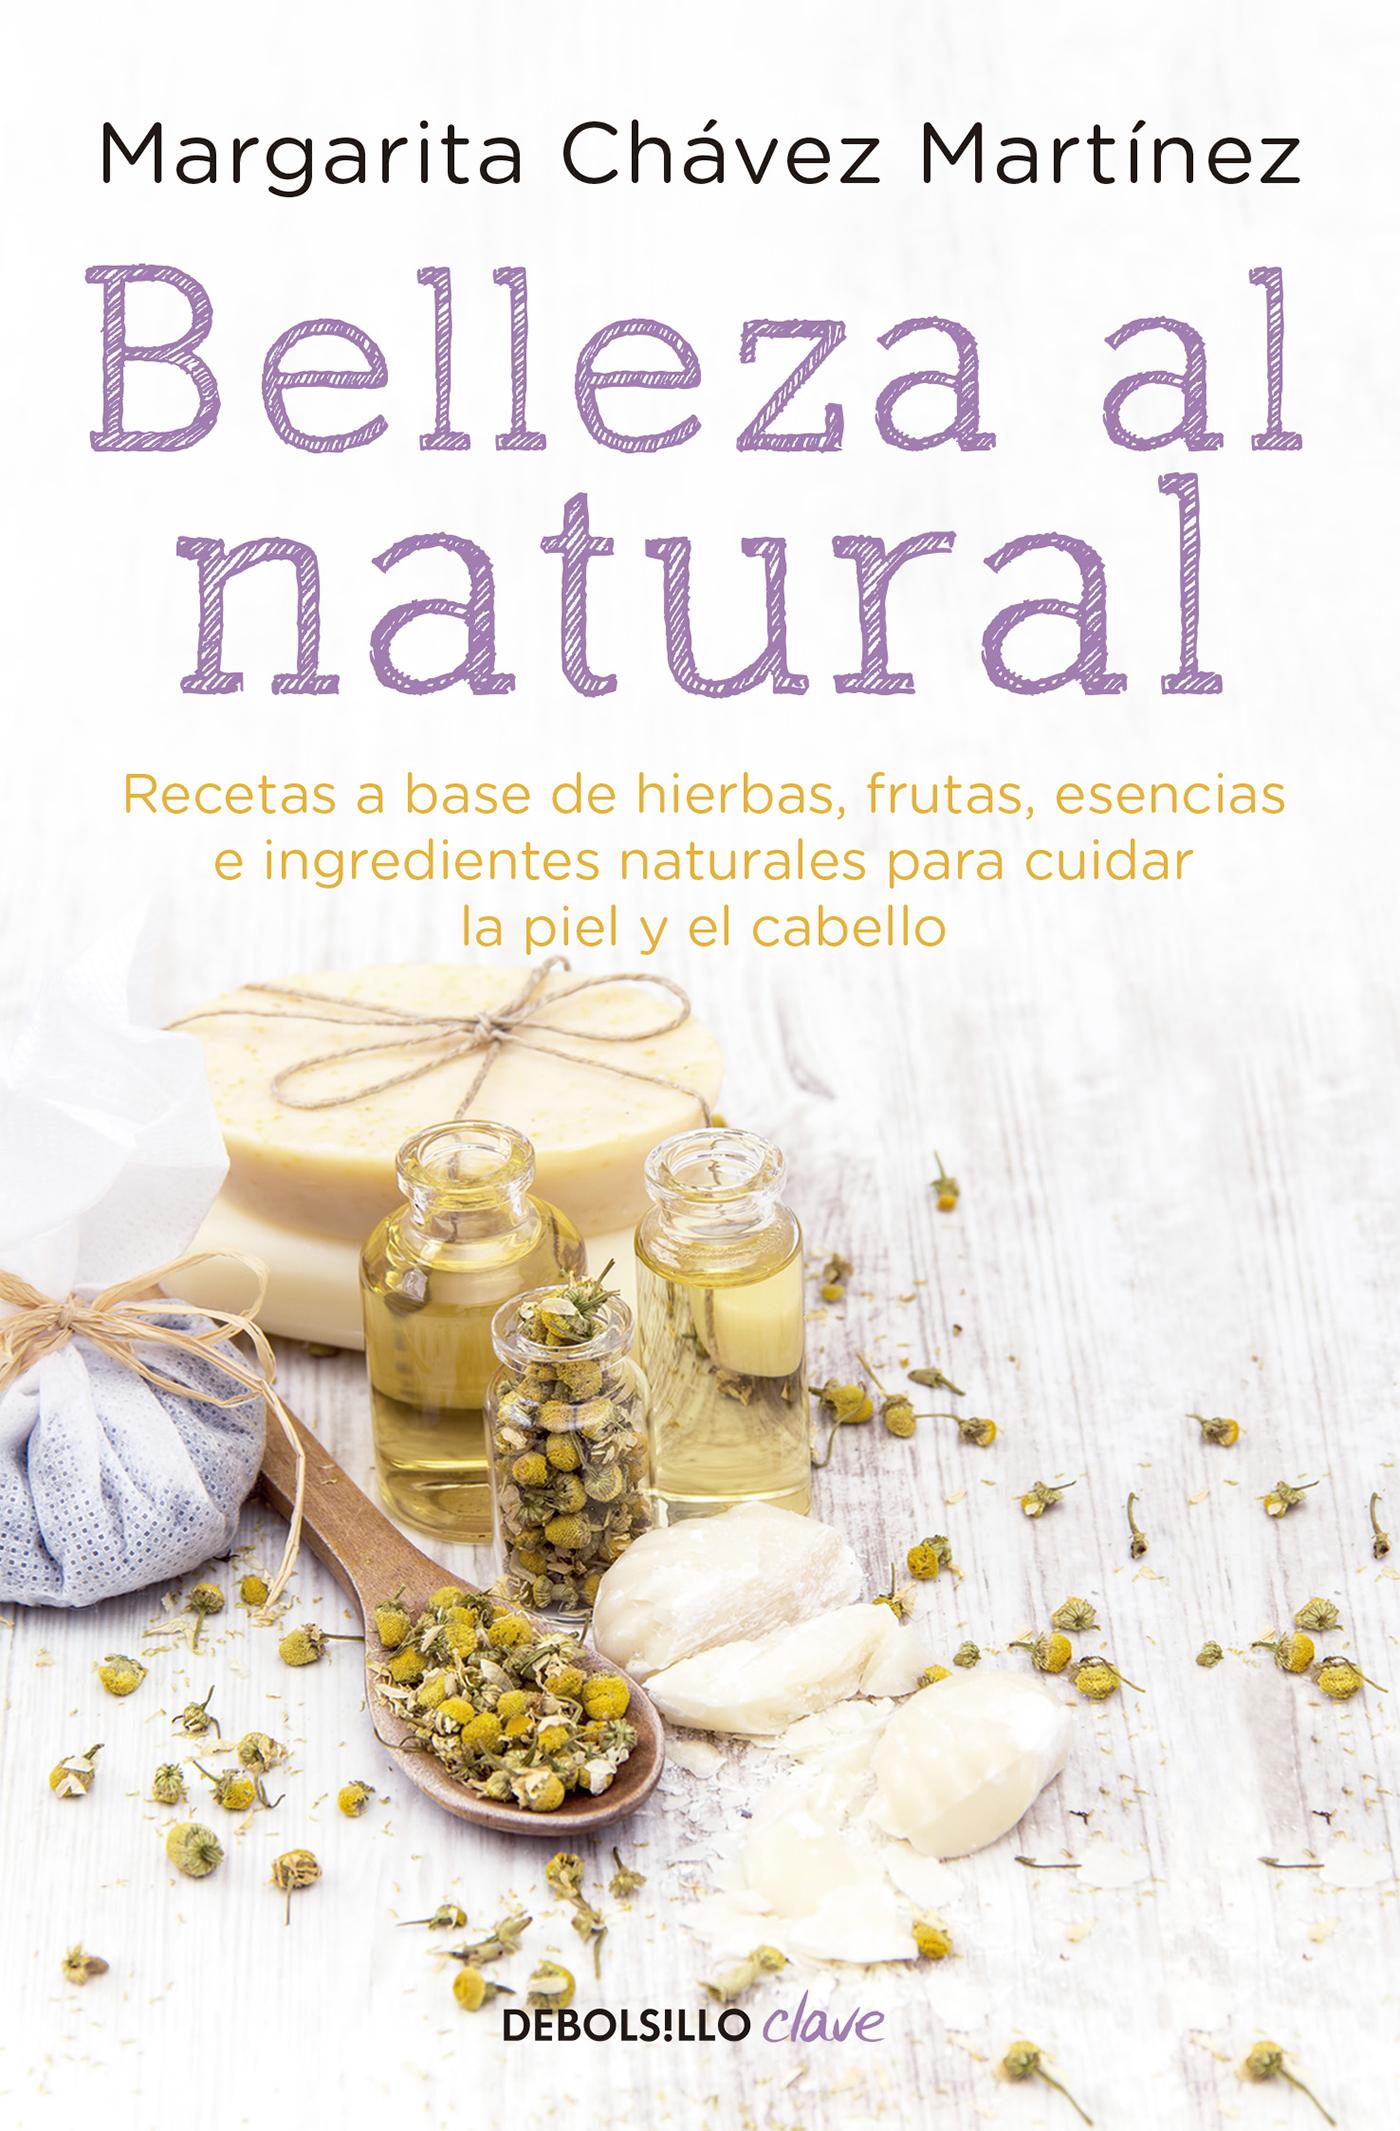 Belleza al natural Recetas a base de ingredientes naturales para cuidar la piel y el cabello